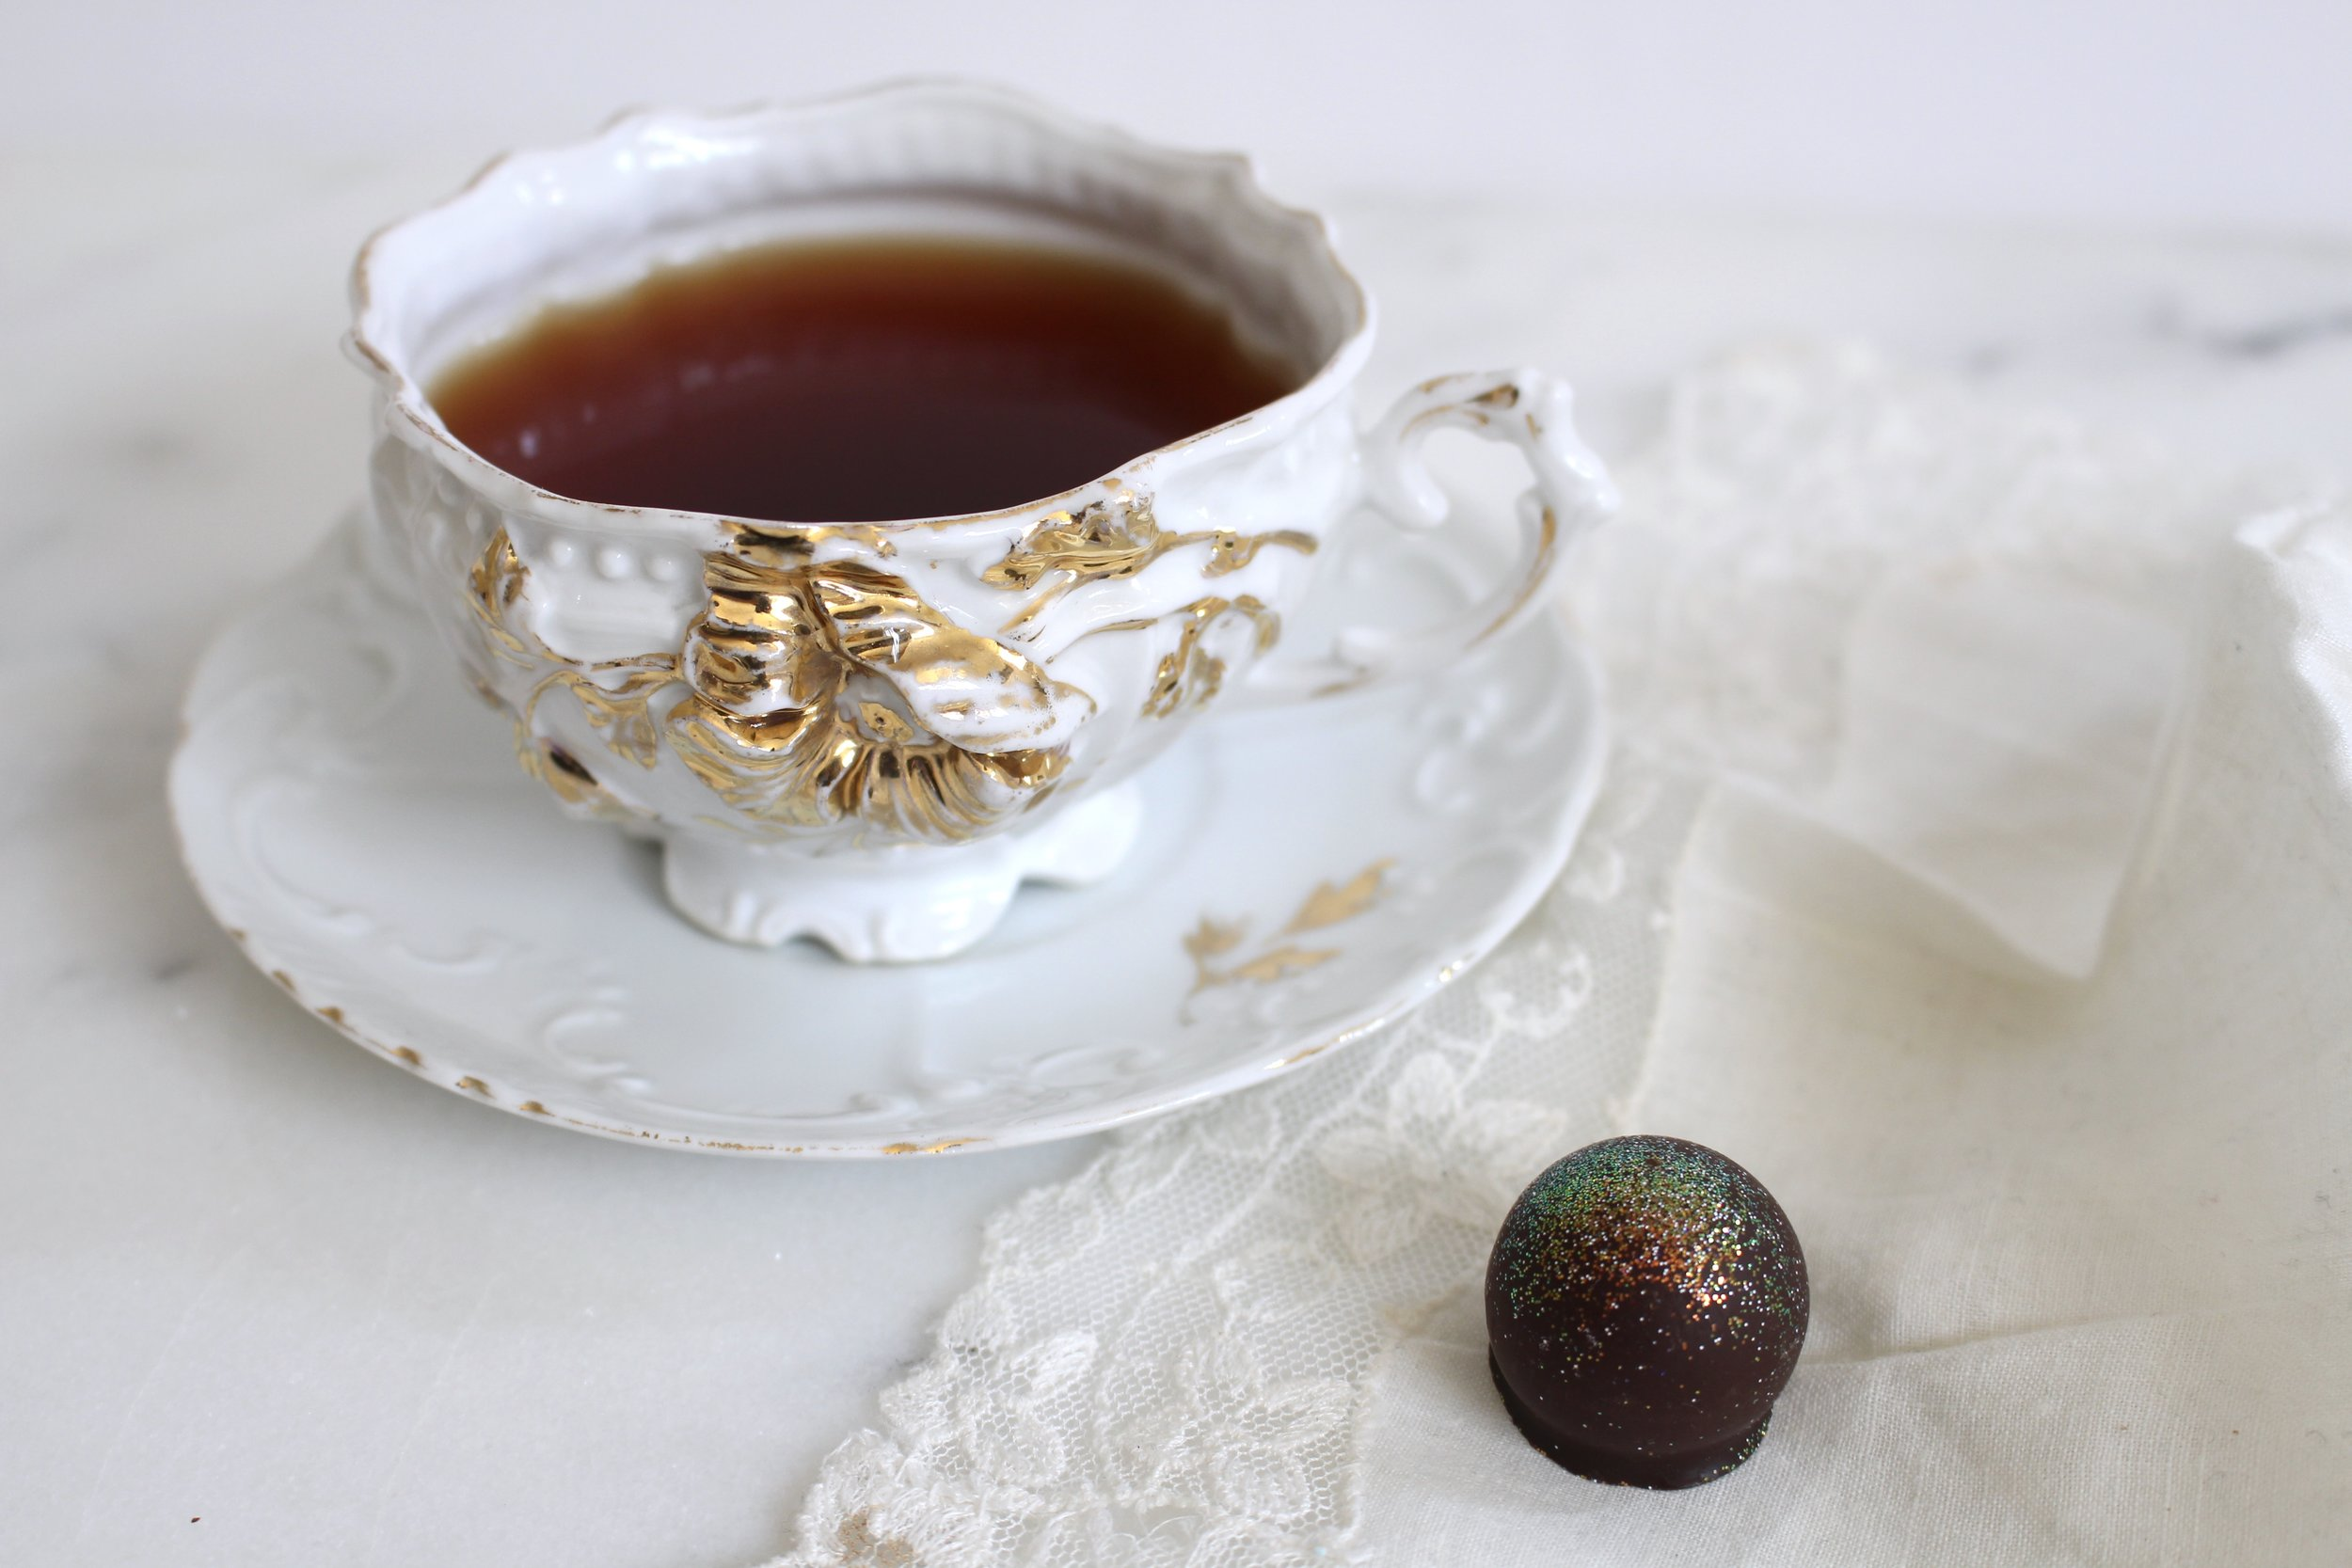 juliet chai